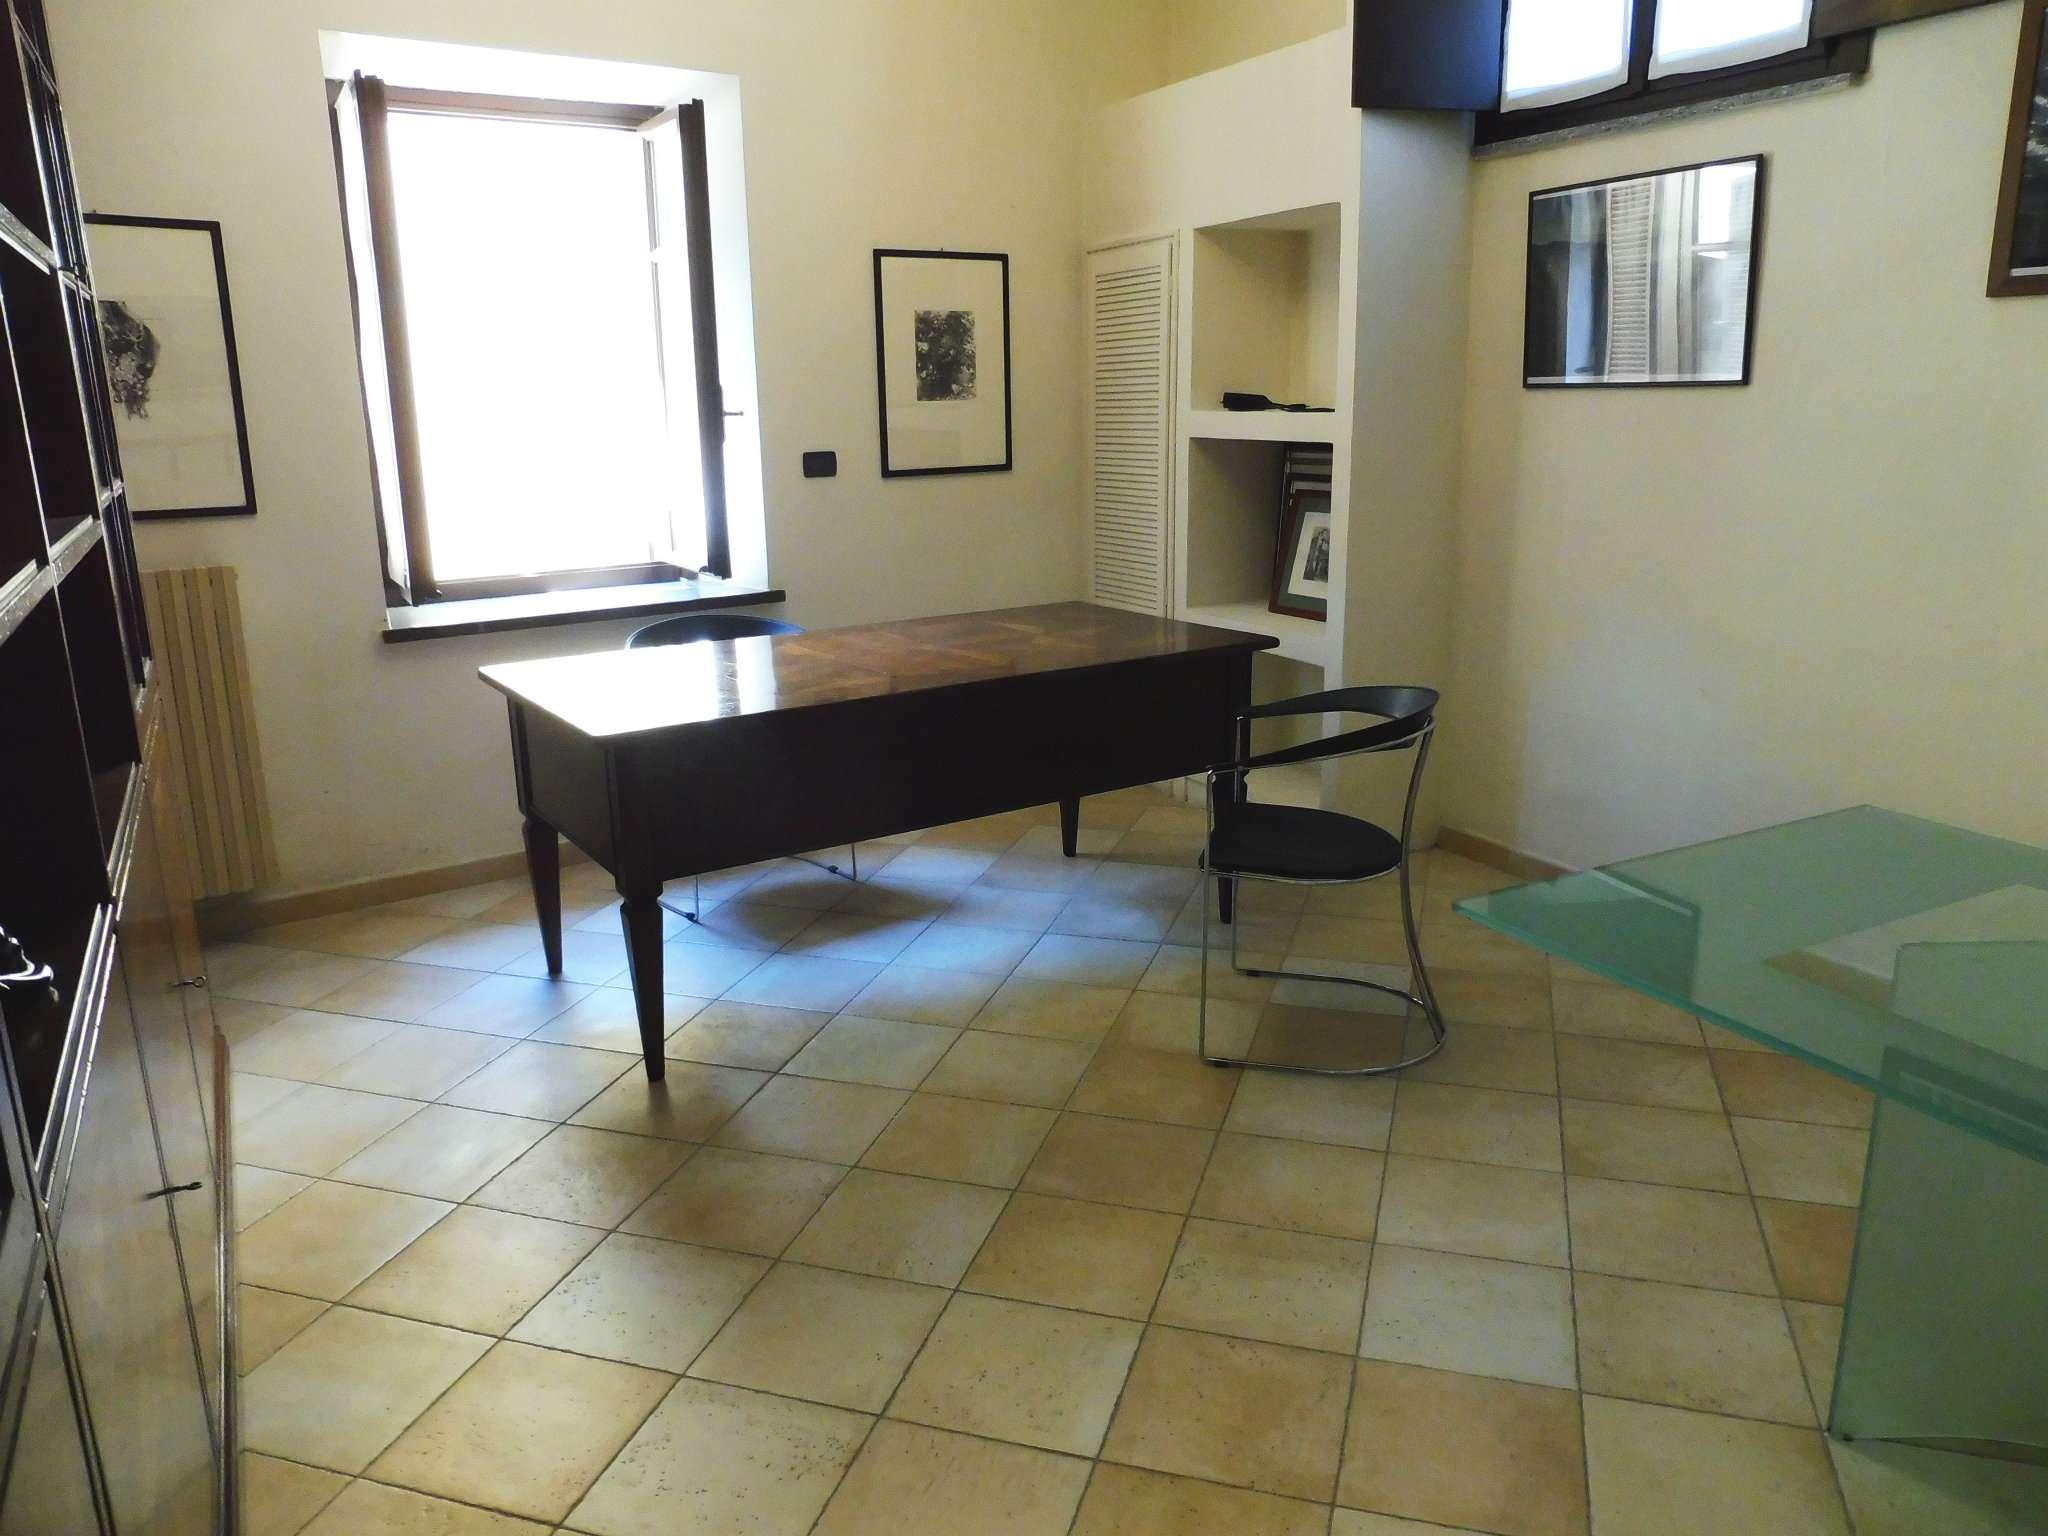 Ufficio / Studio in vendita a Moncalieri, 4 locali, prezzo € 130.000 | PortaleAgenzieImmobiliari.it